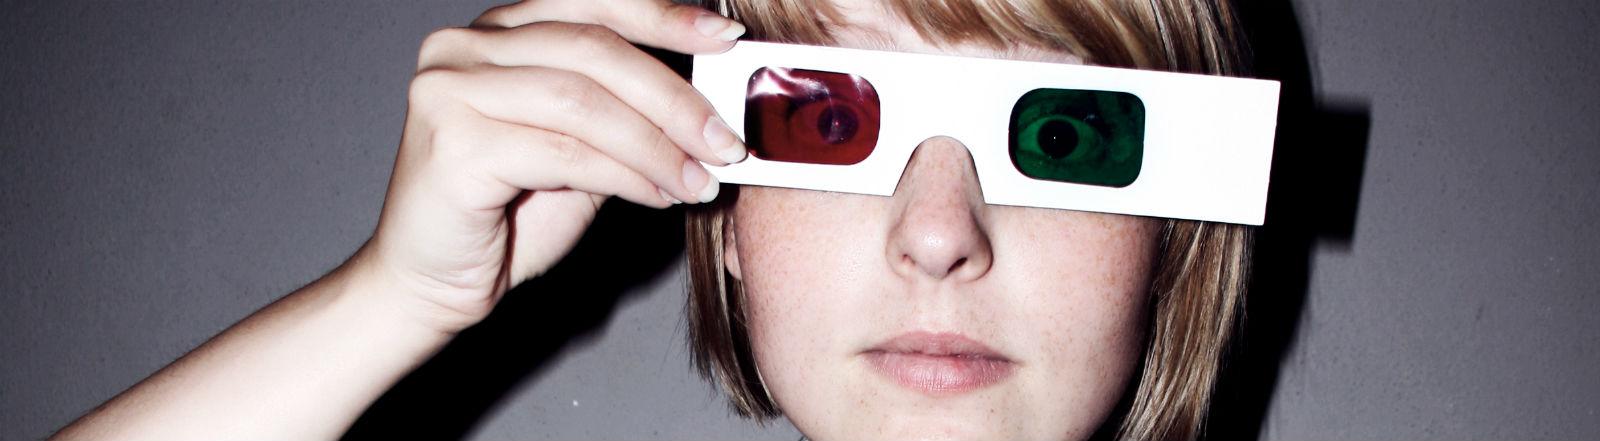 Eine Frau hält eine grün-rote Brille vor ihre Augen.